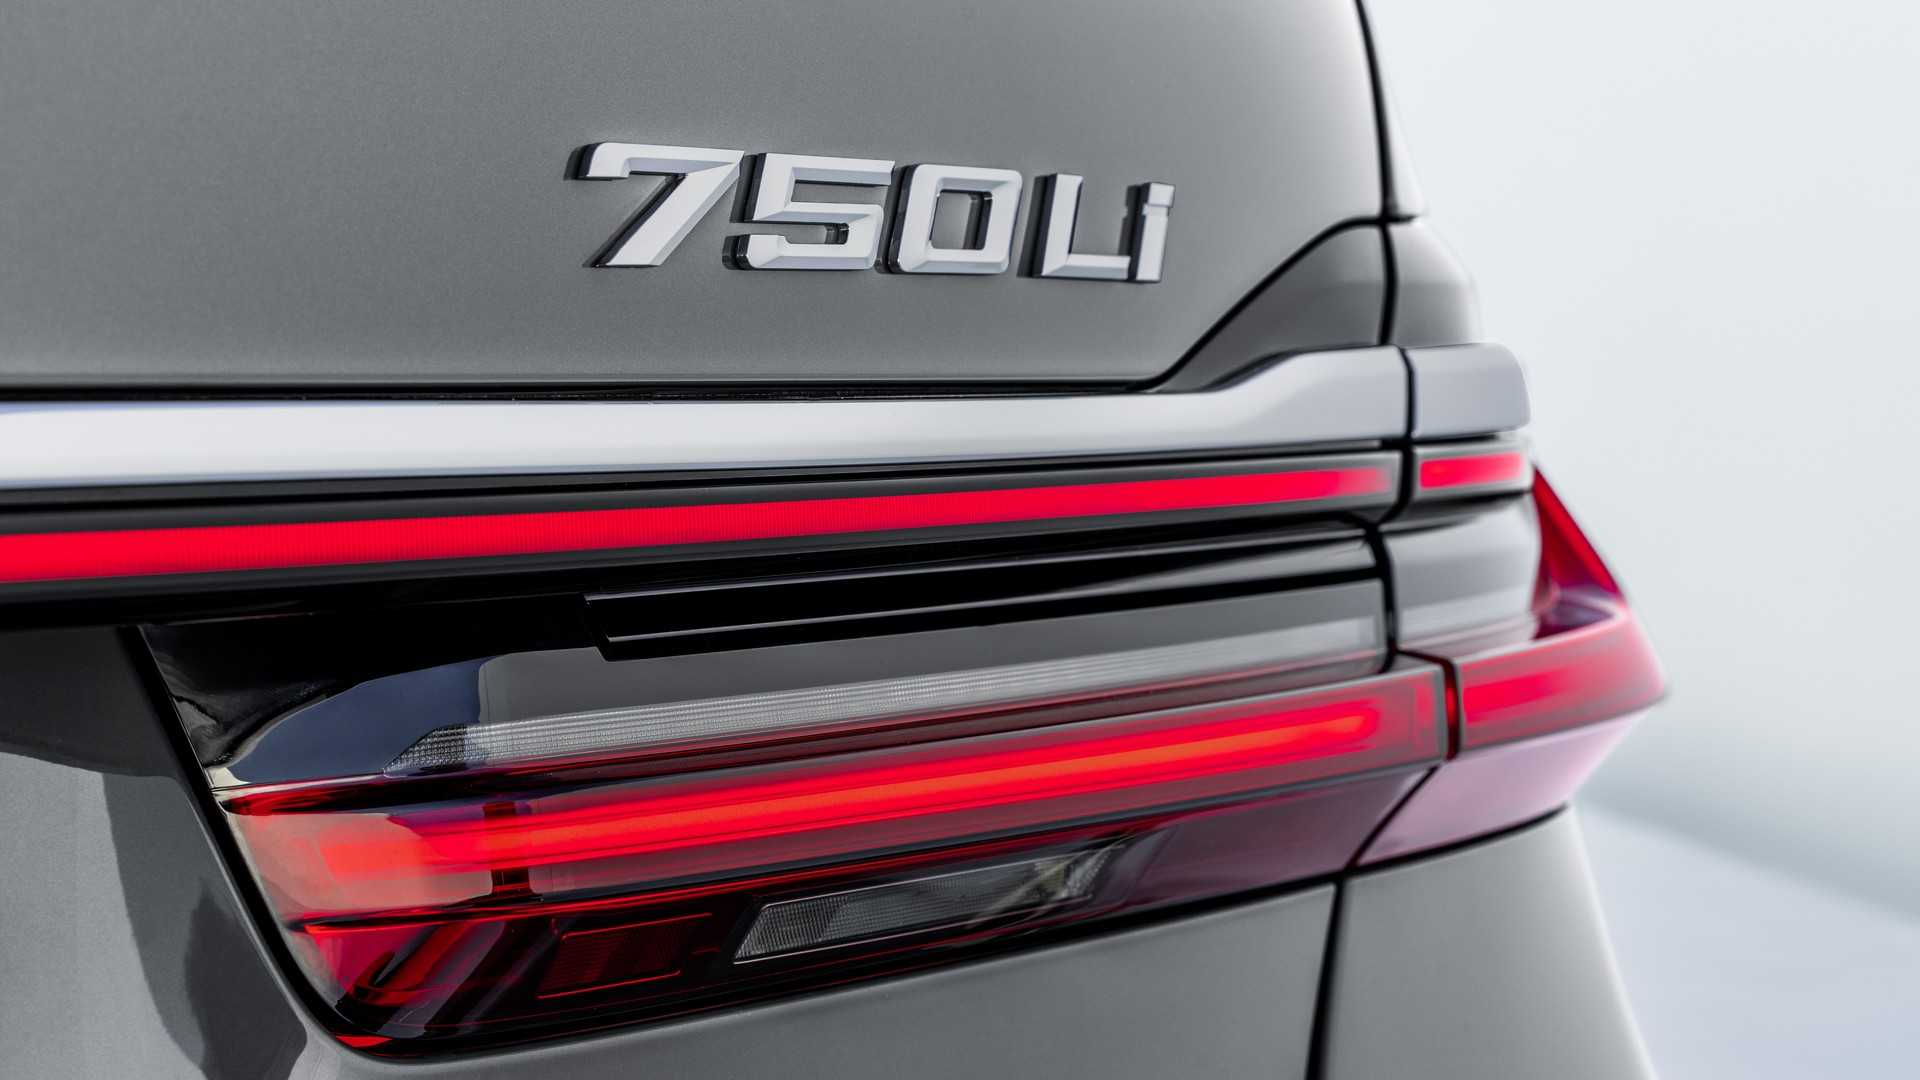 BMW 7 Series thế hệ mới sẽ có thêm bản chạy điện hoàn toàn - 17